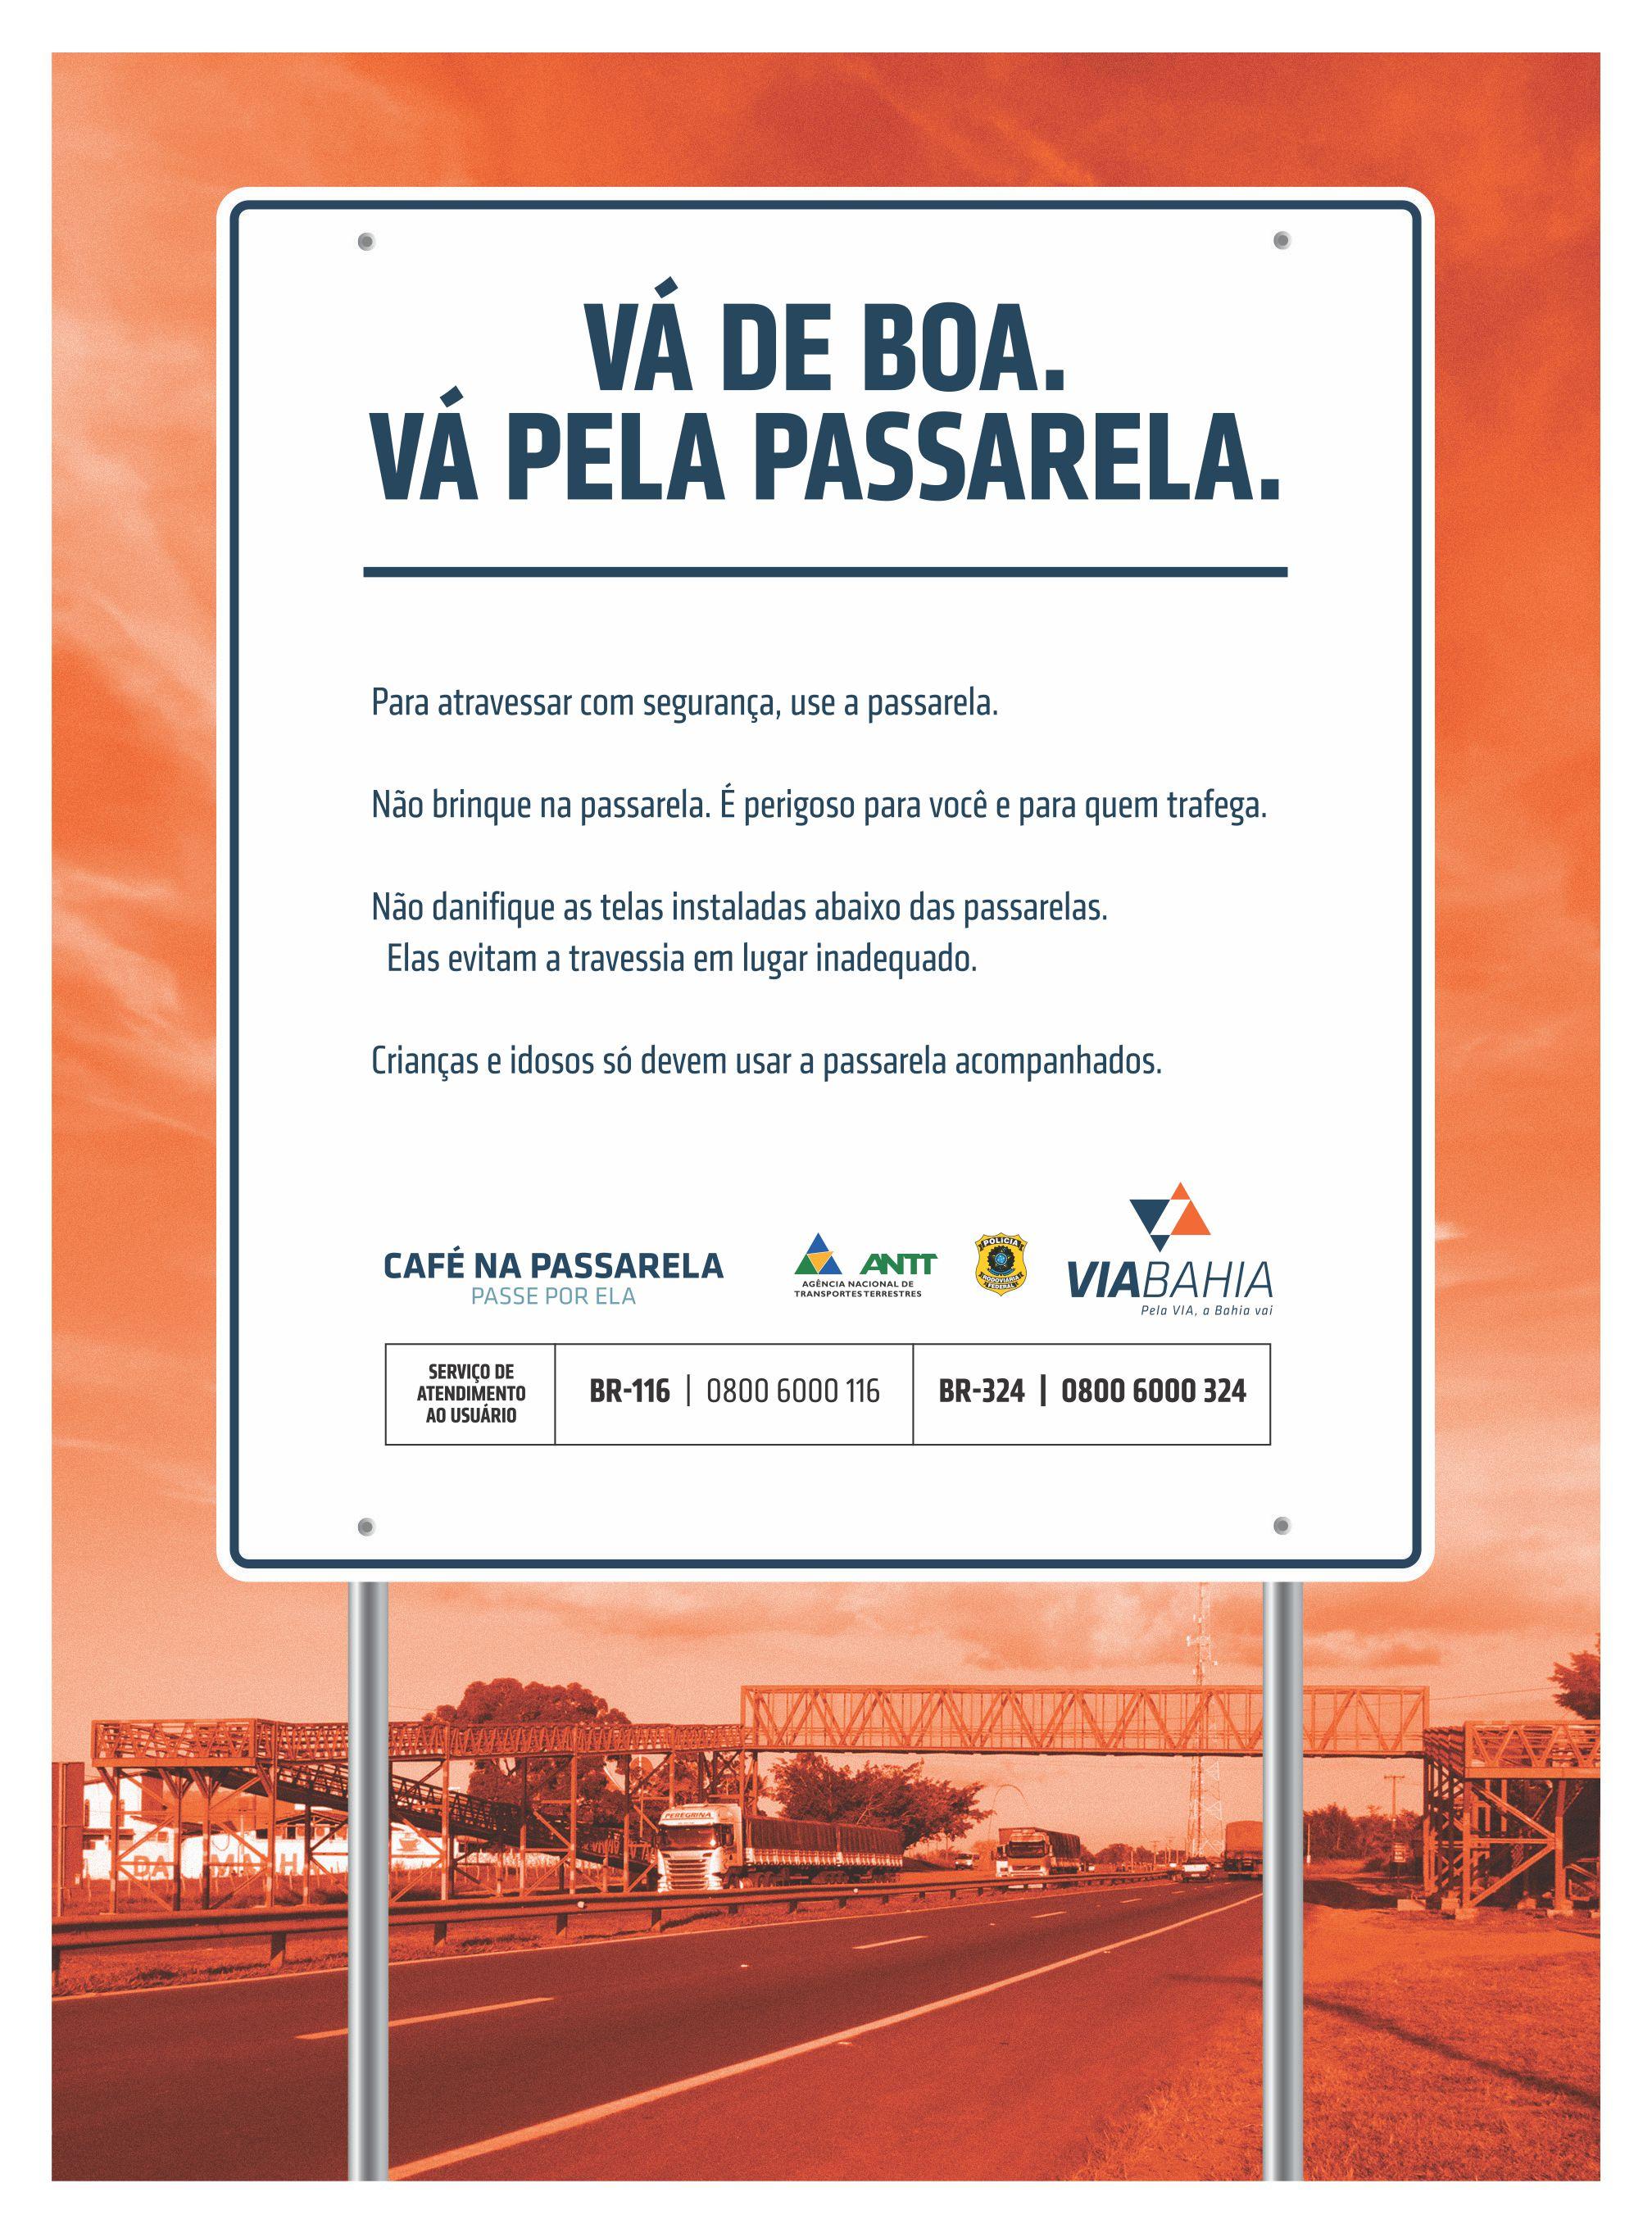 Café na Passarela